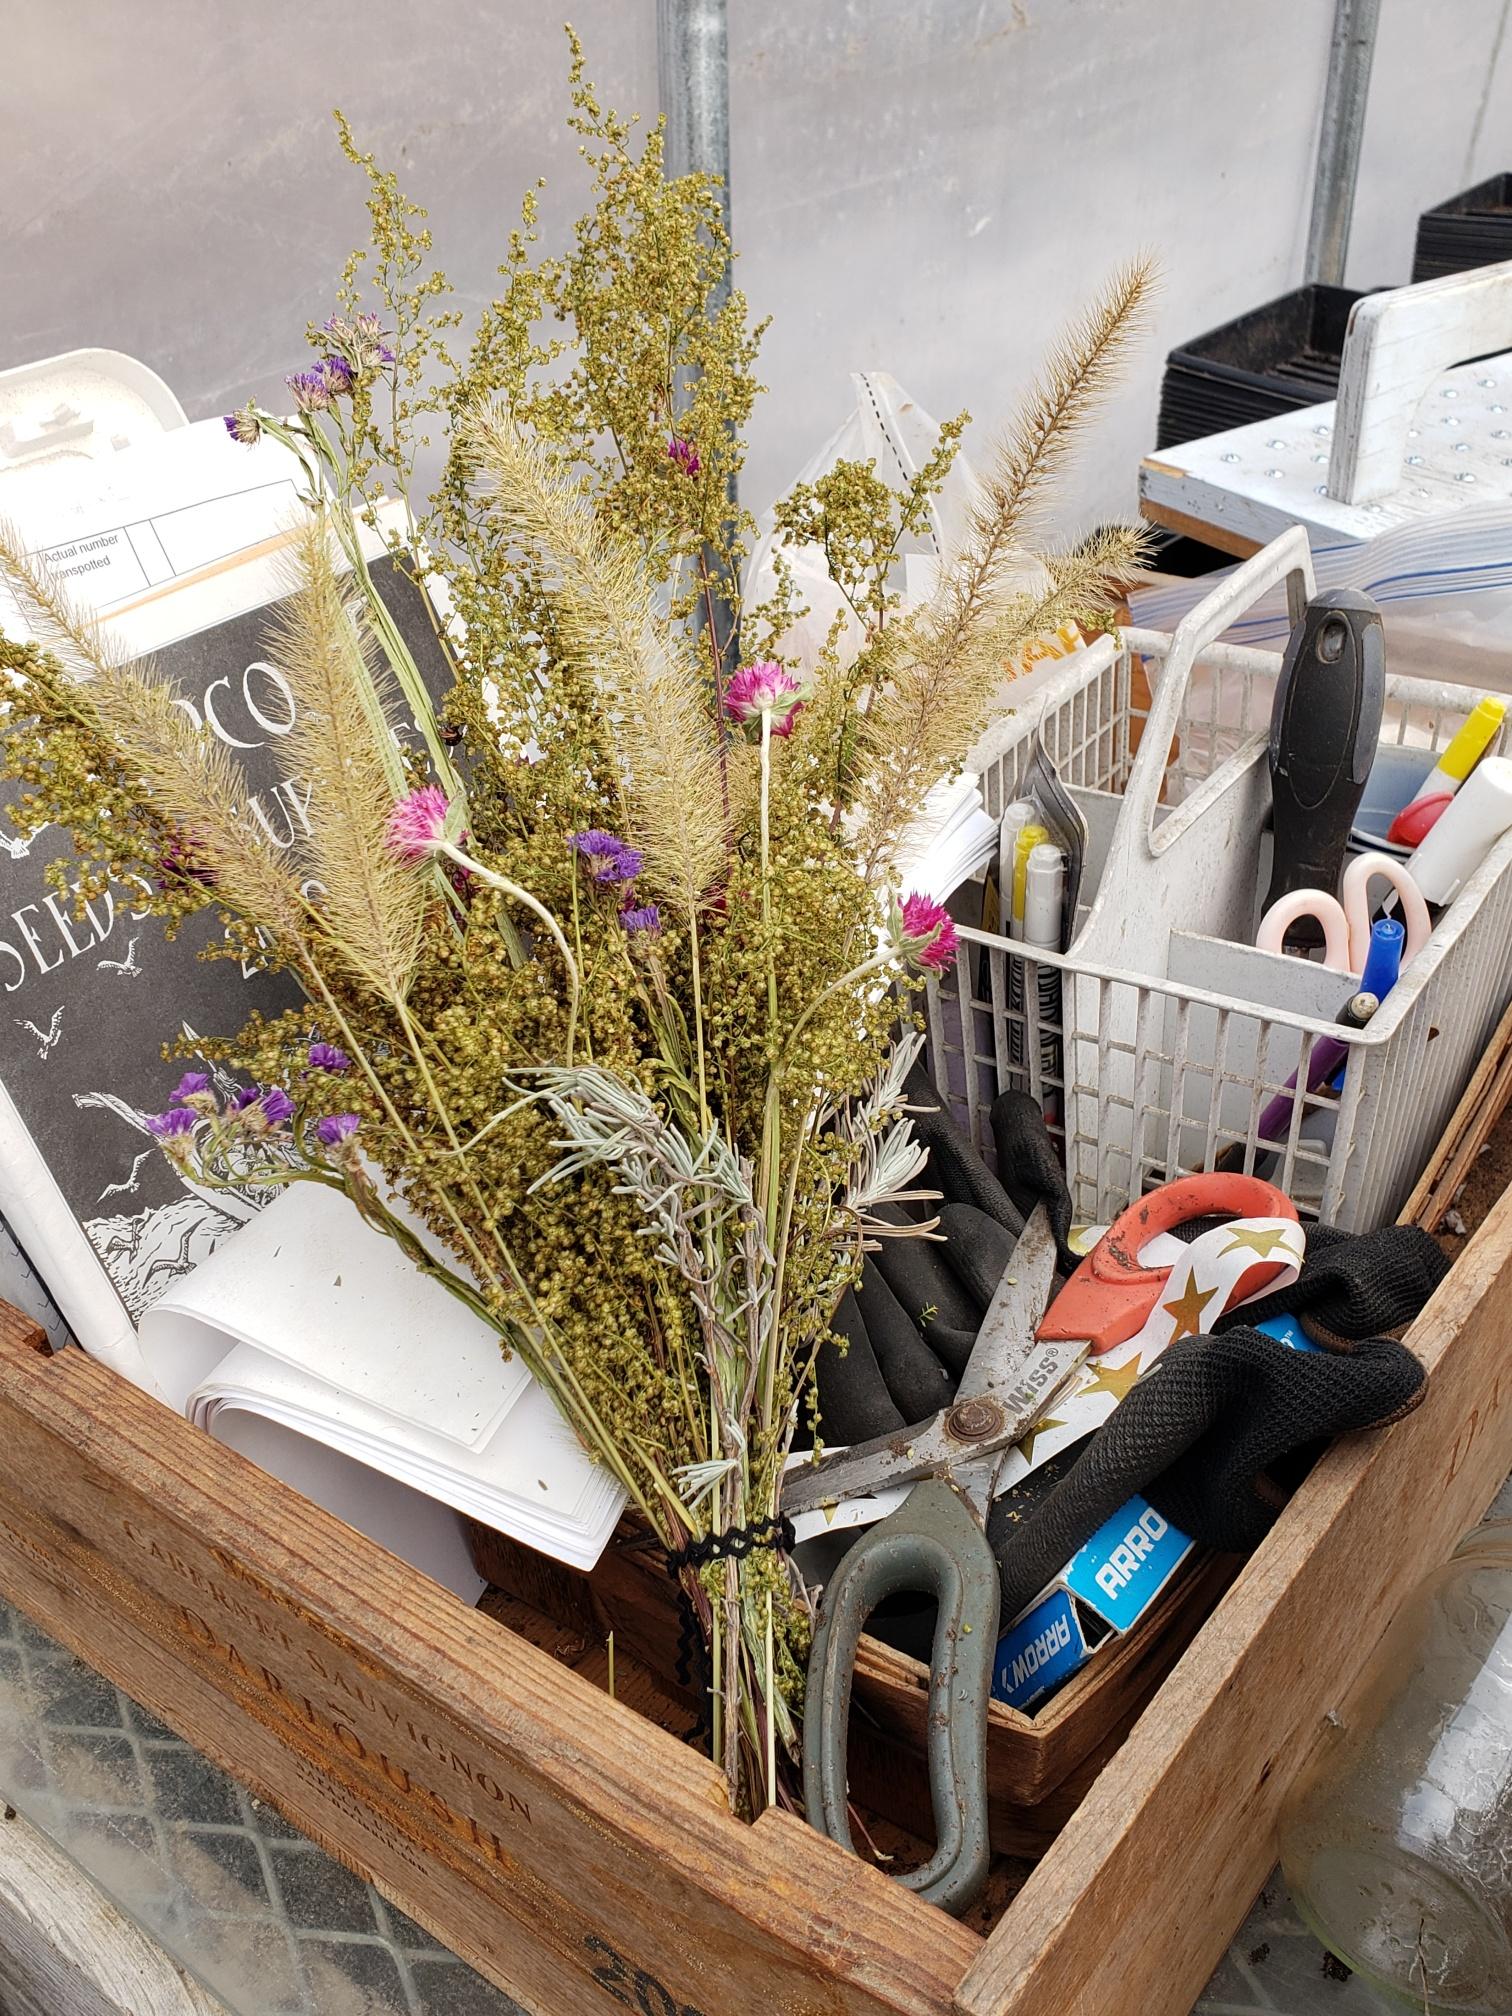 Dried Flower Bouquet on Desk